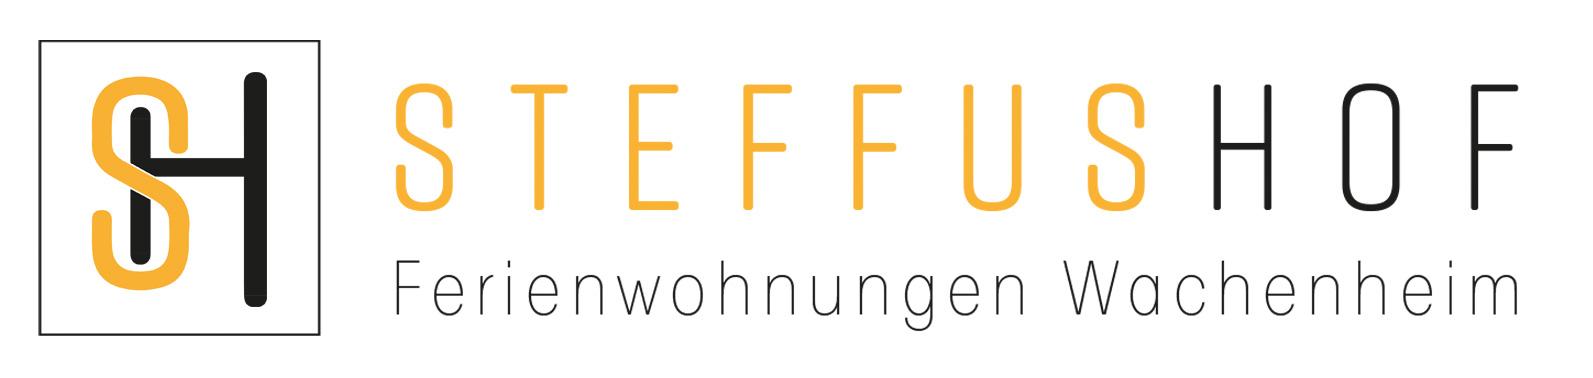 Ferienwohnungen Steffushof in Wachenheim